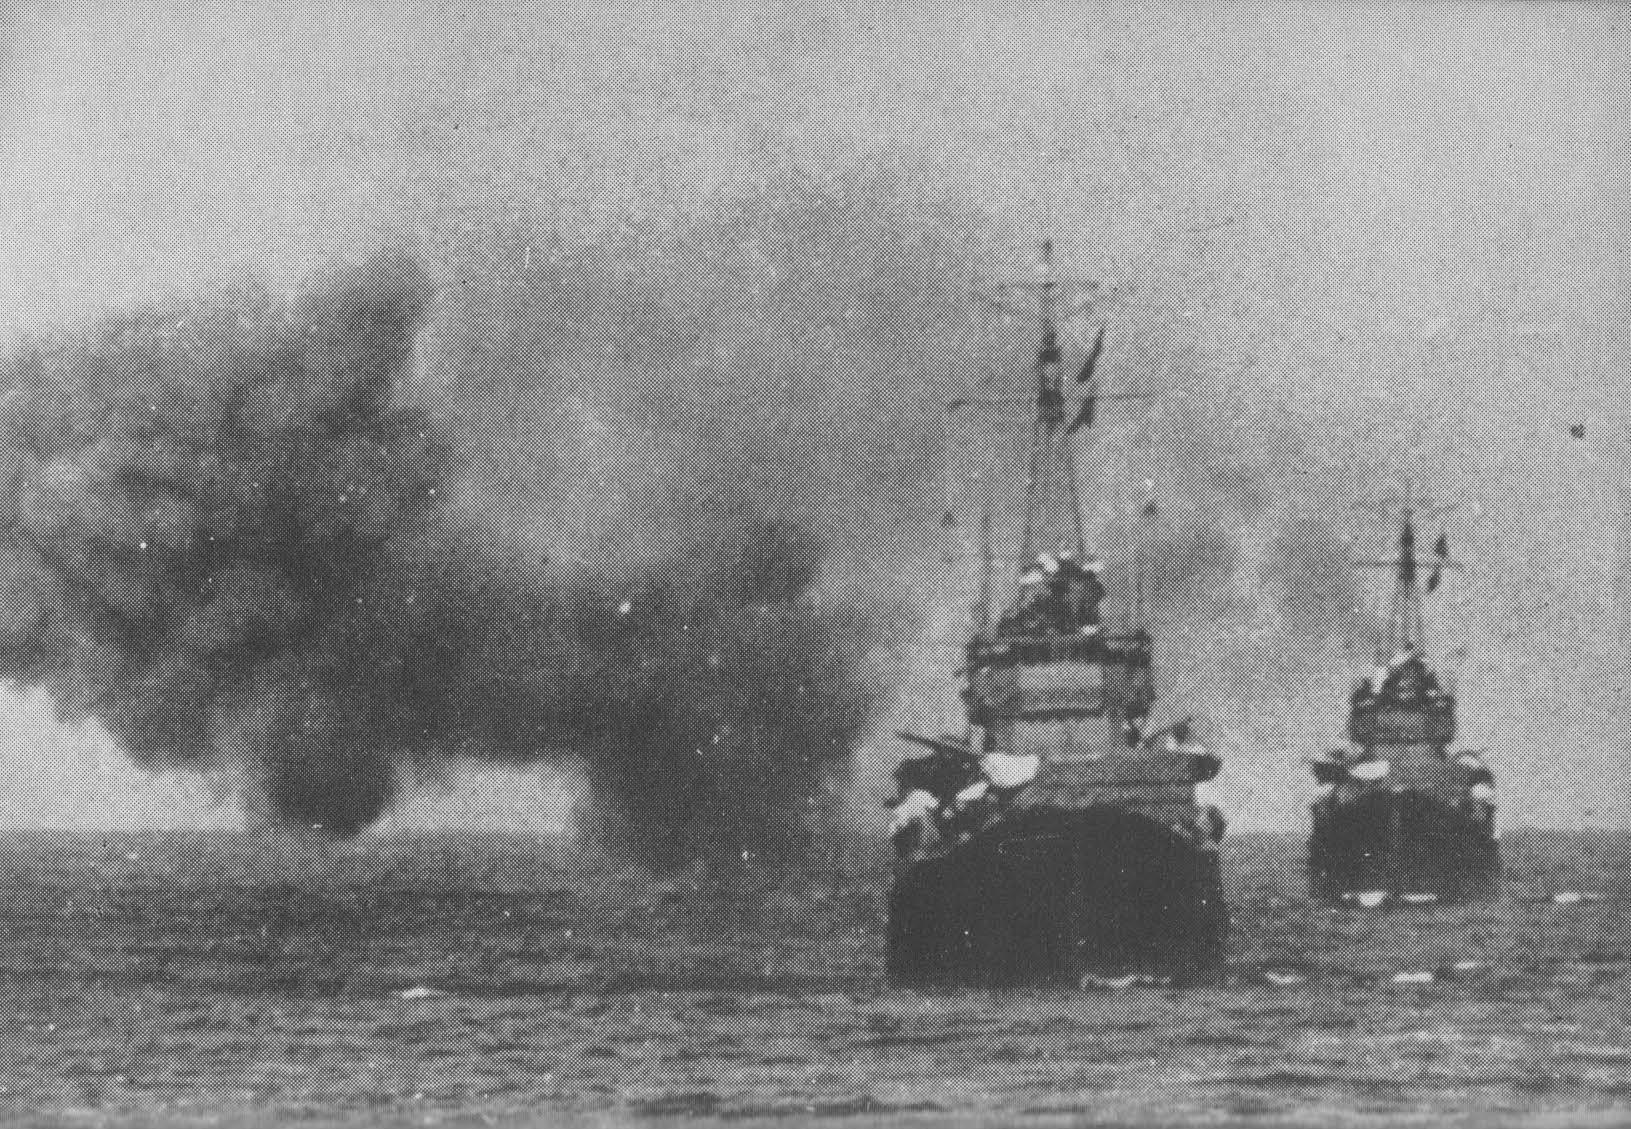 Battaglia navale di Vella Lavella - Wikipedia